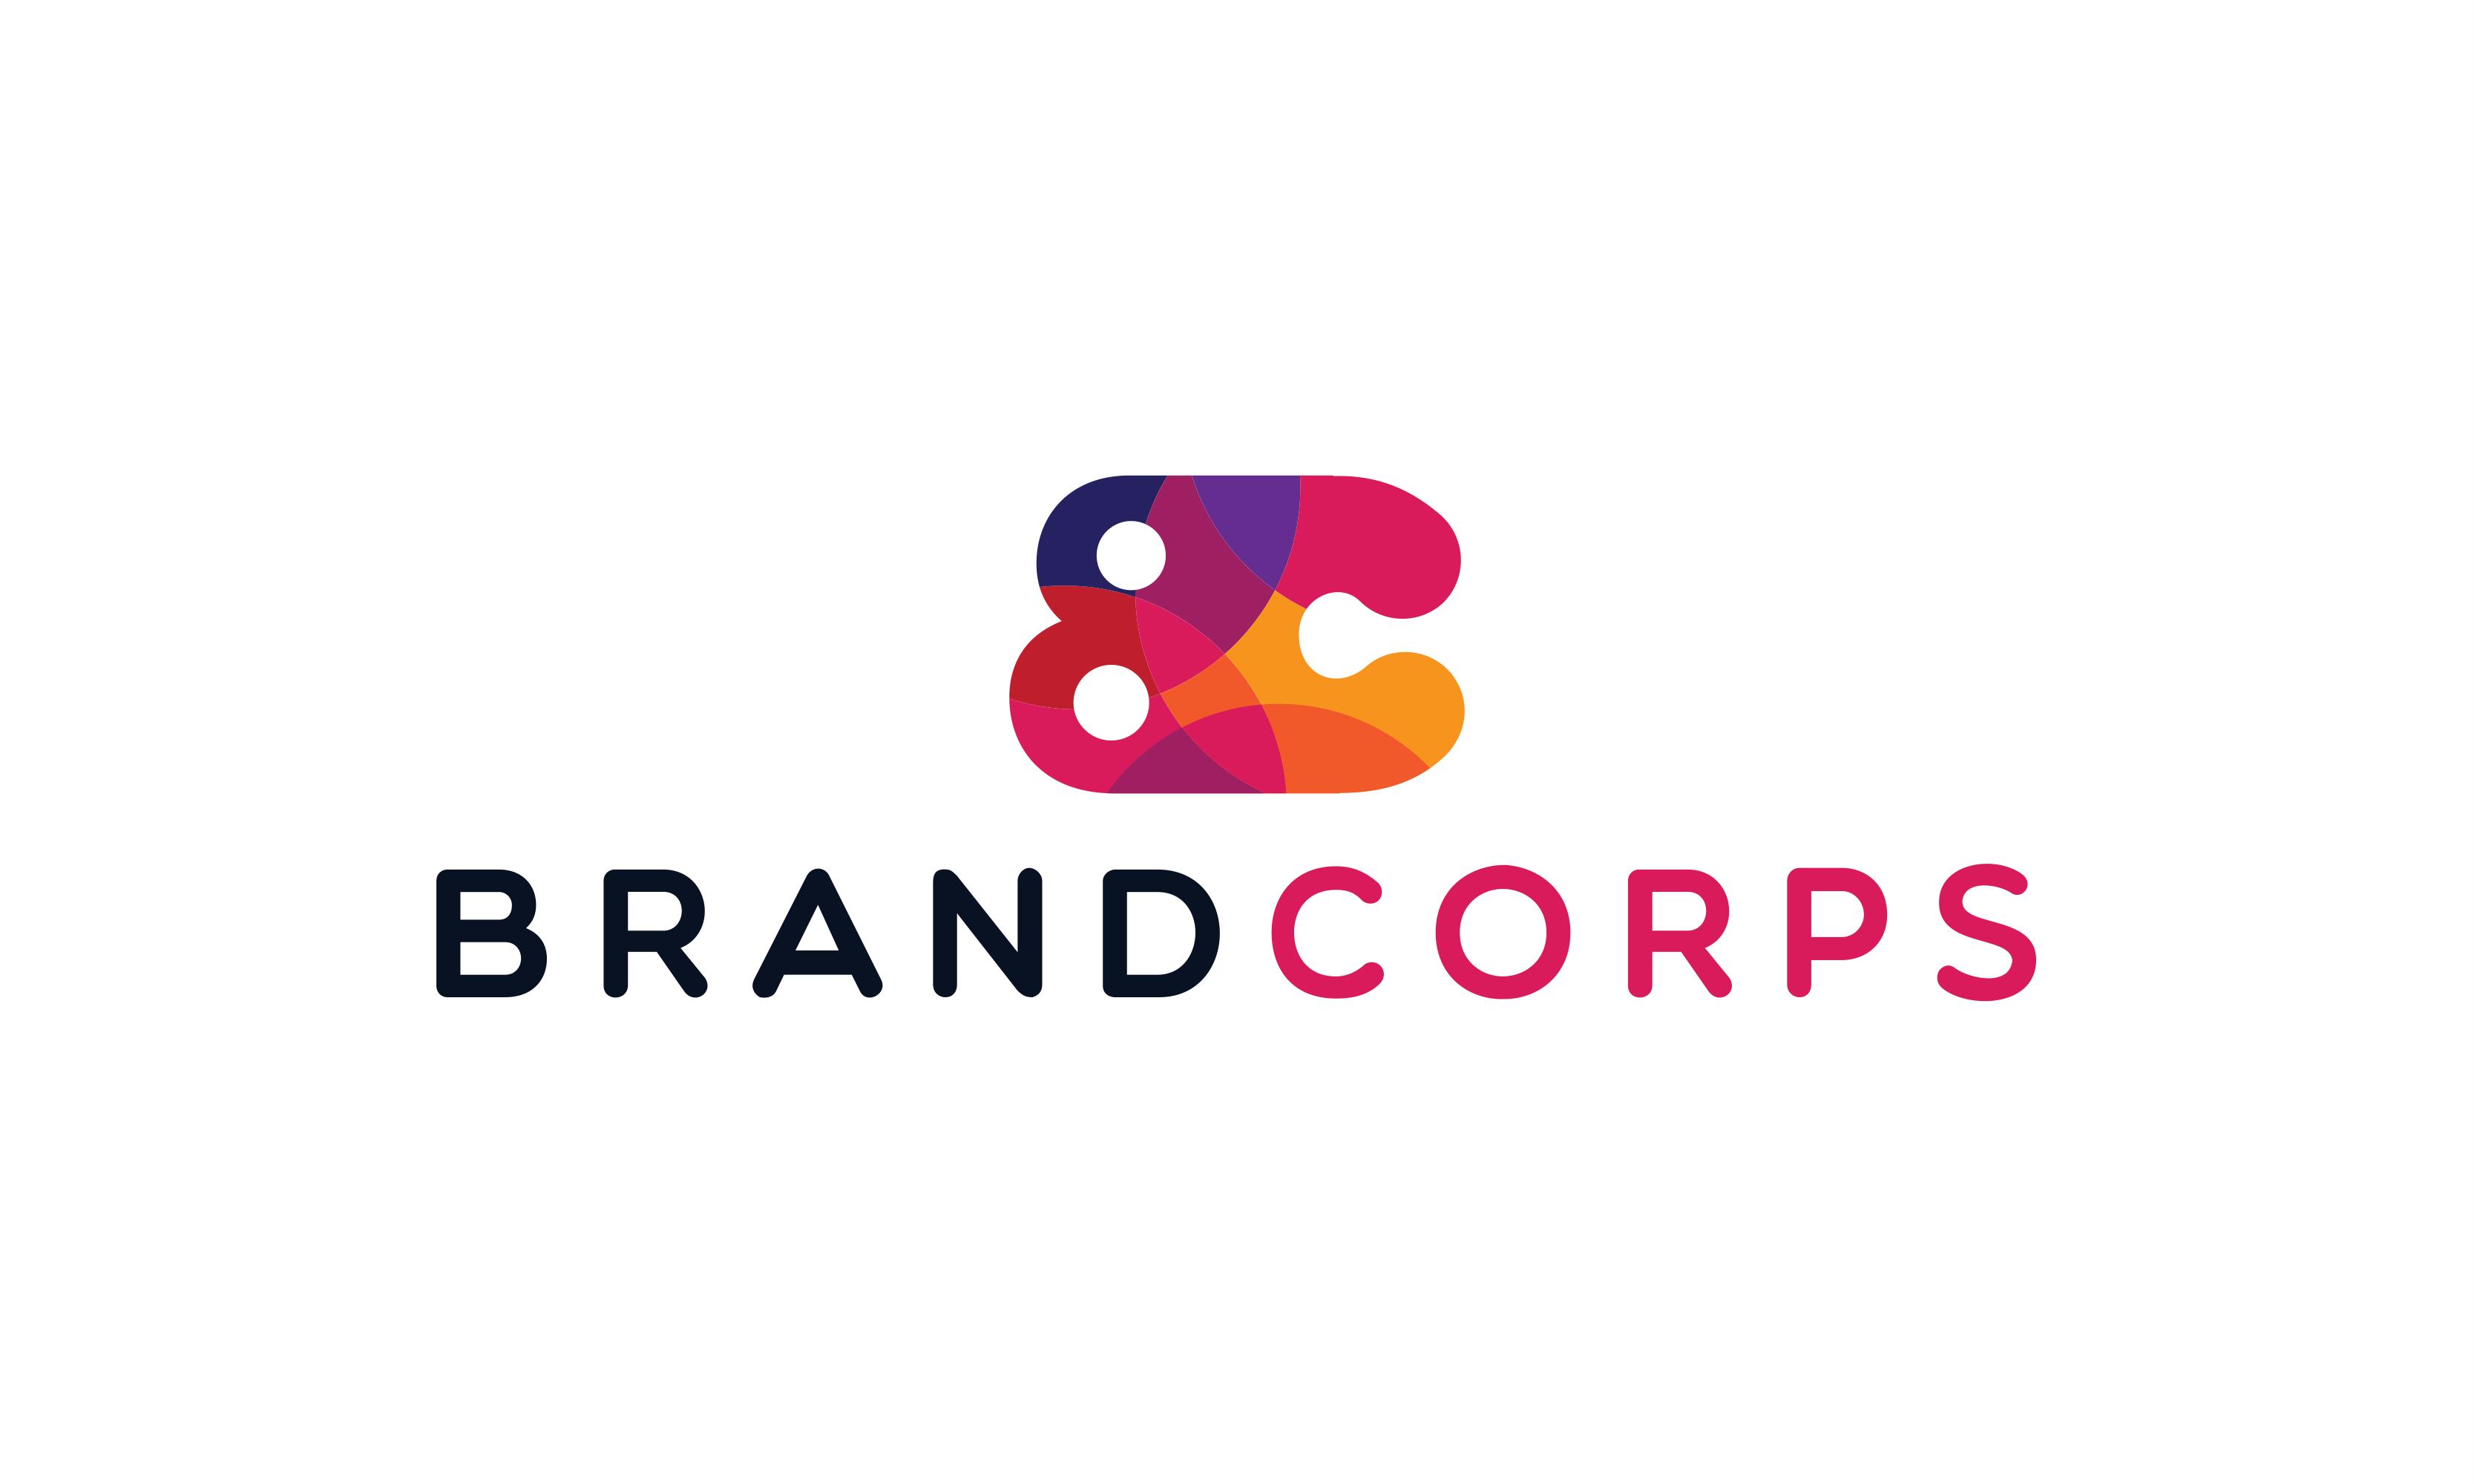 Brandcorps